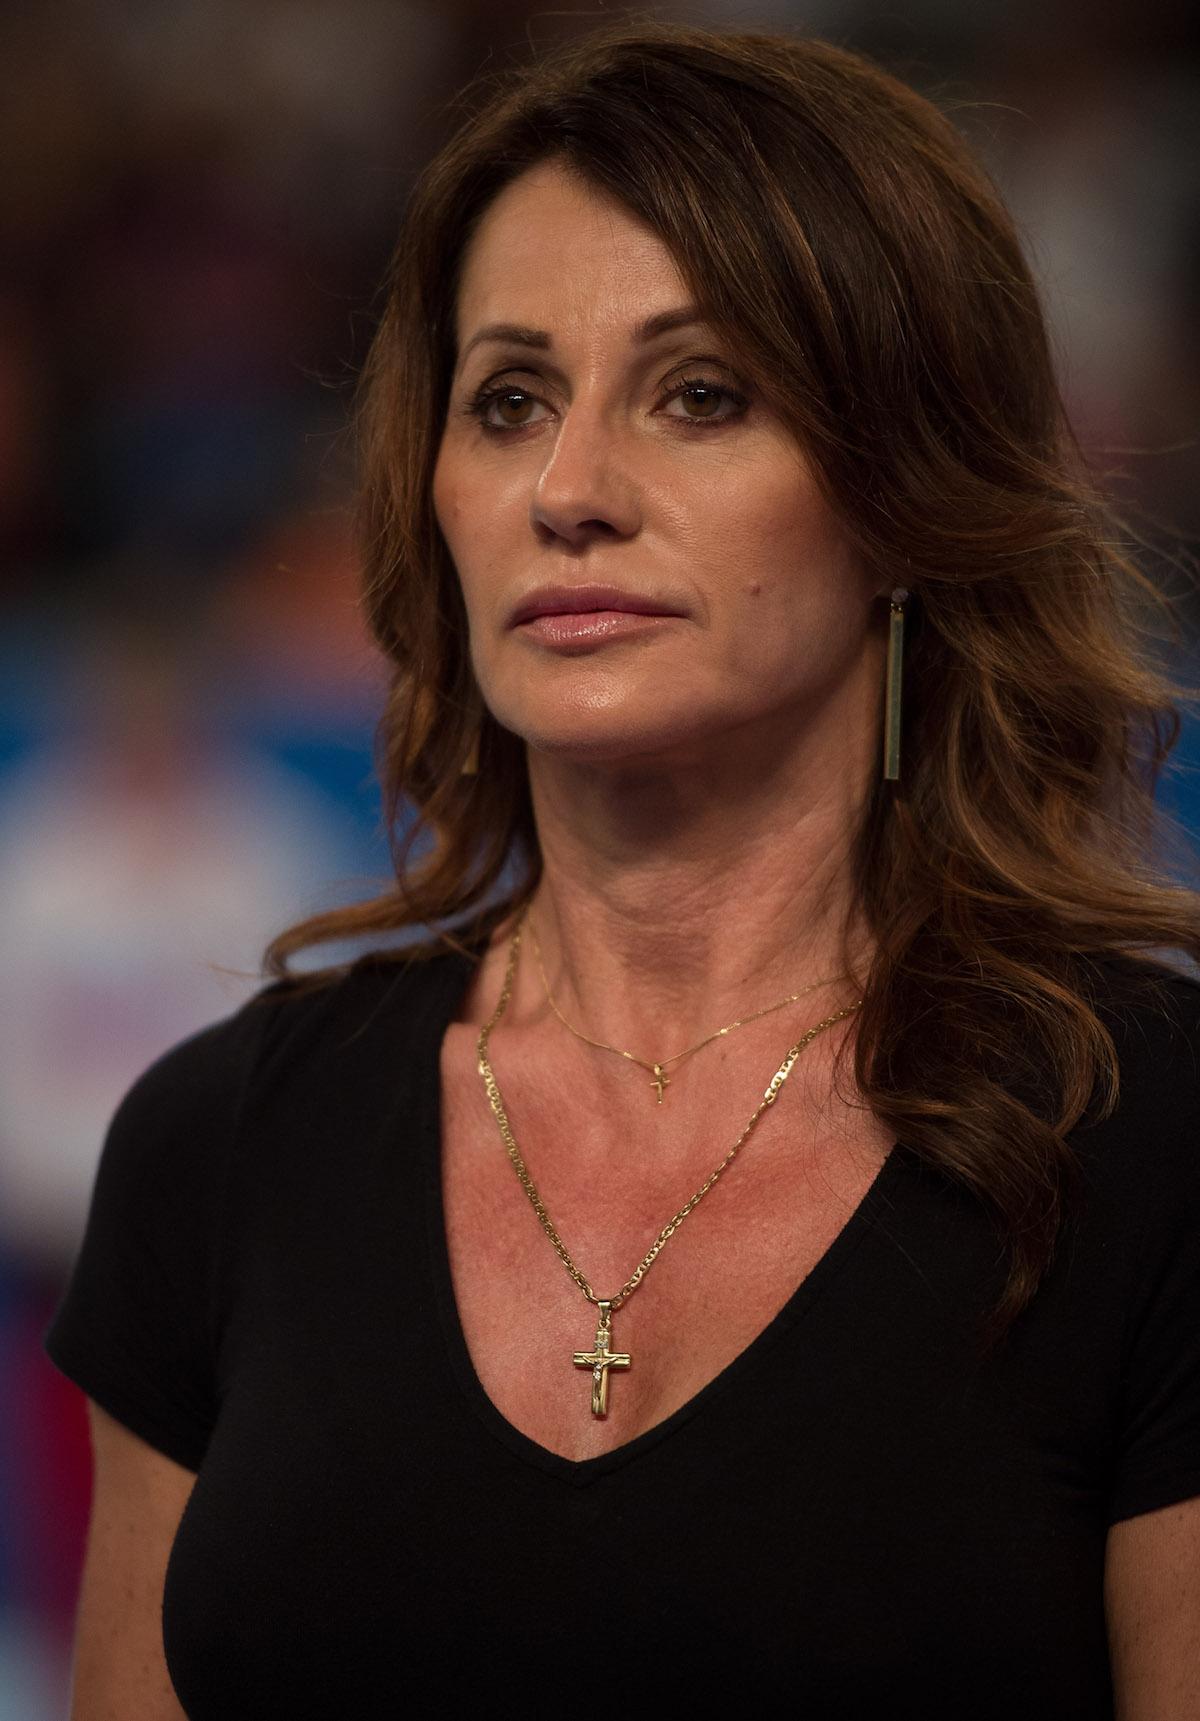 Nadia Comaneci, de cierta forma, sigue vinculada al deporte. Foto: Mexsport